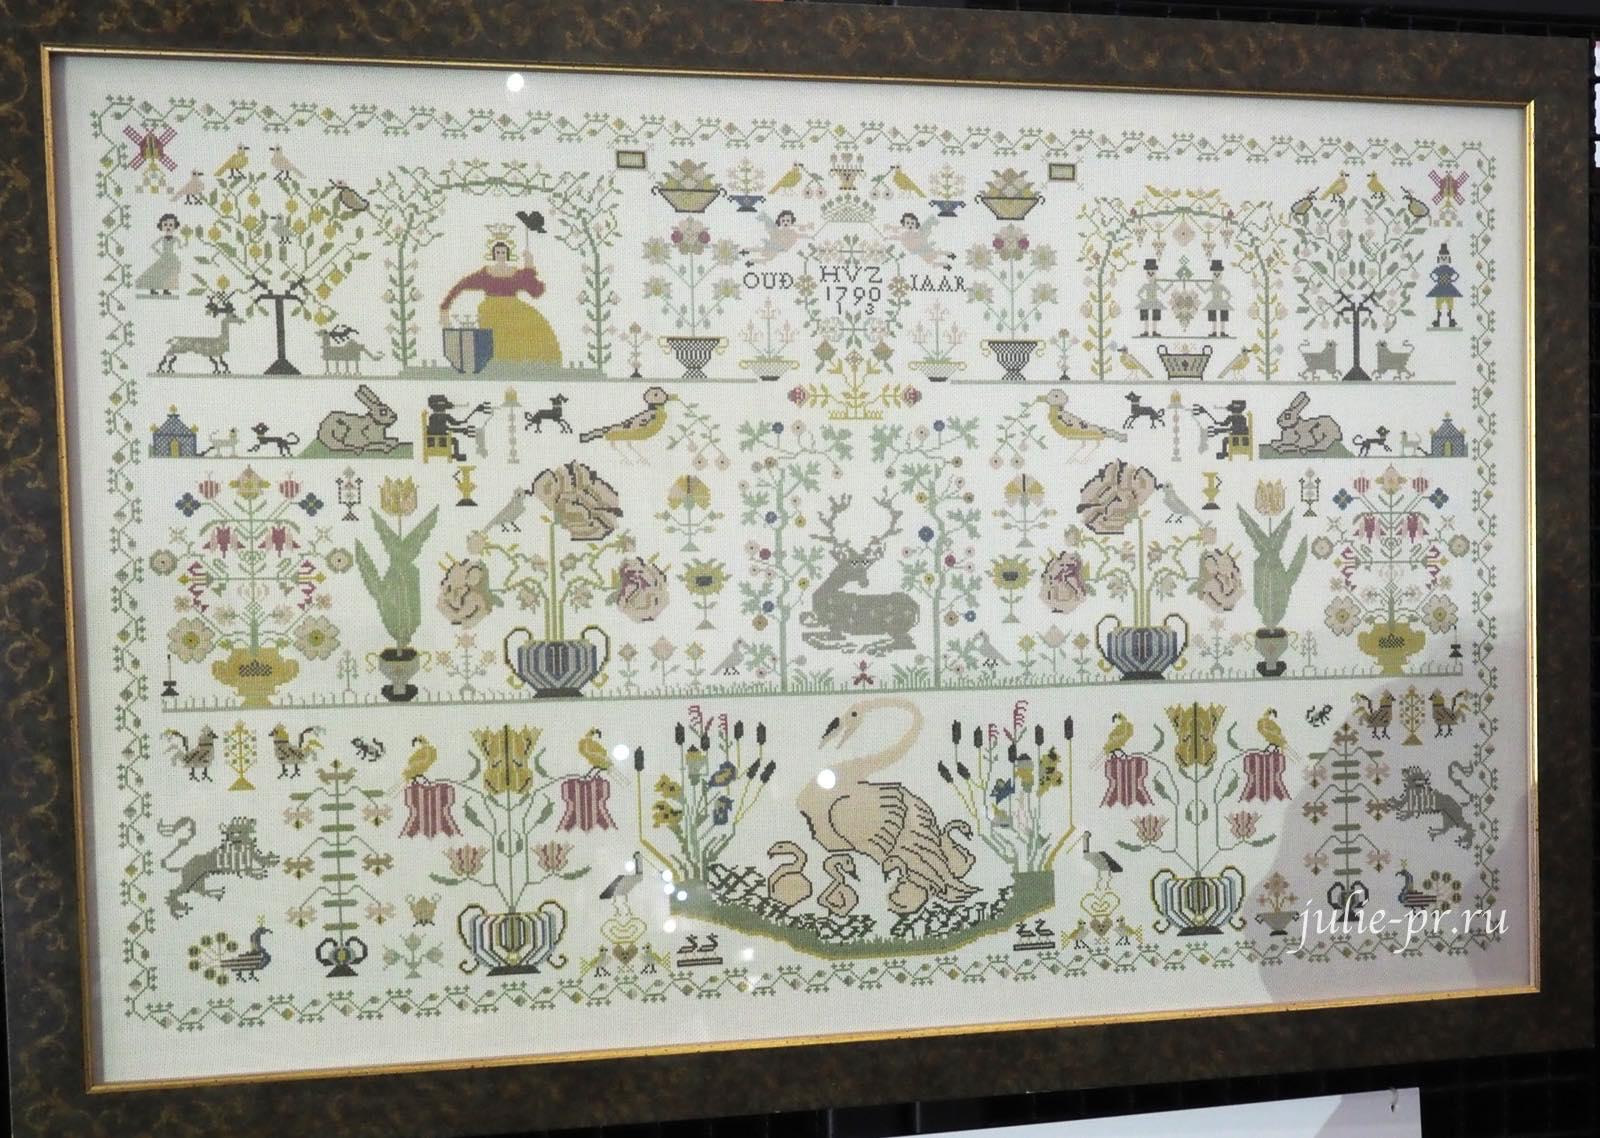 формула рукоделия осень 2021, выставка, вышивка крестом, старинные семплеры, Permin of Copenhagen — Dutch Beauty Sampler 1790